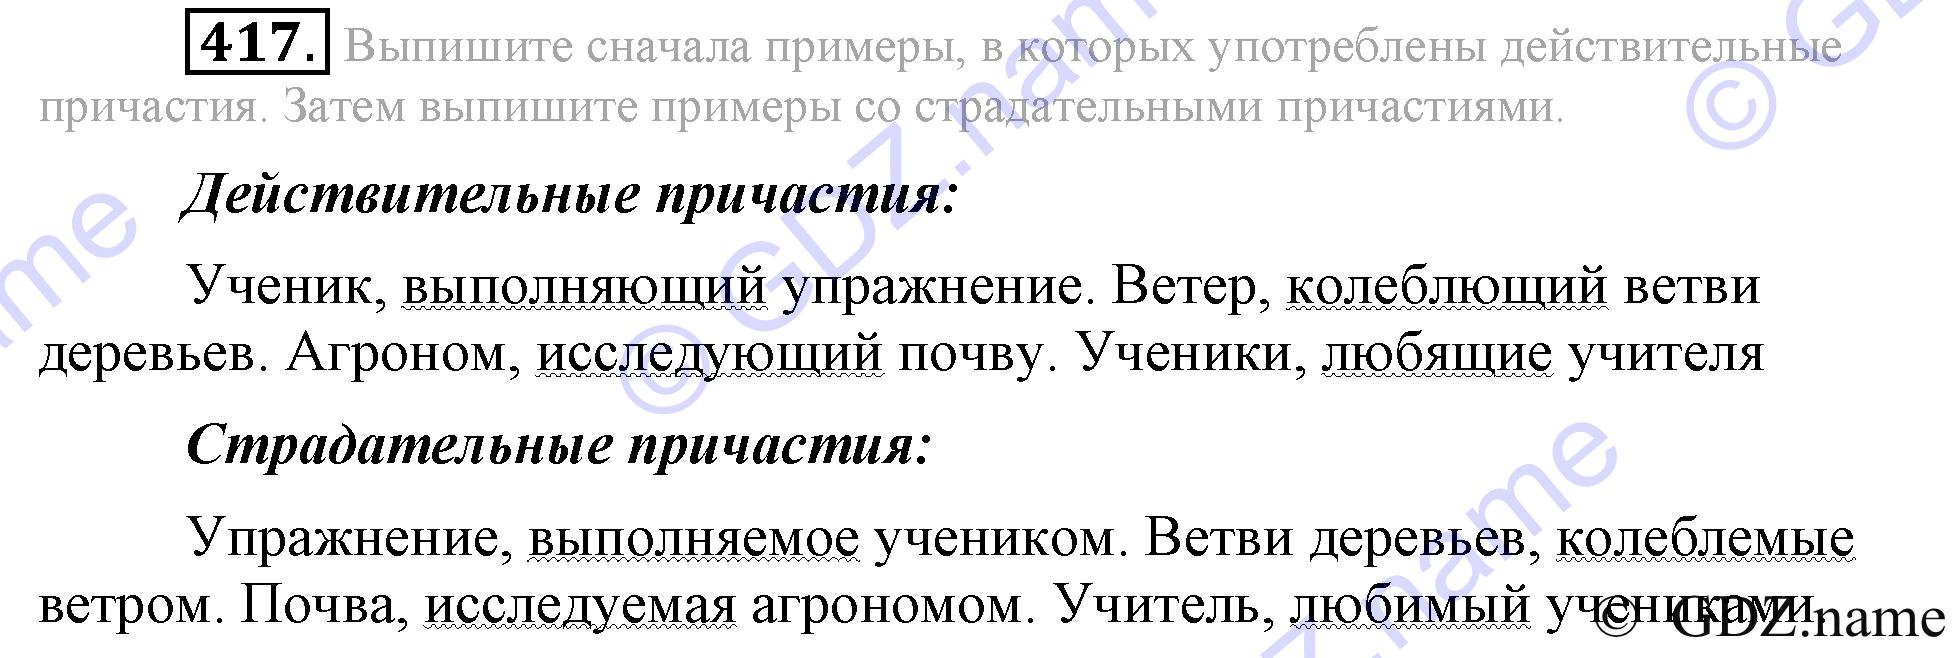 Скачать гдз по русскому языку 6 класс под ред ашурова 1999г